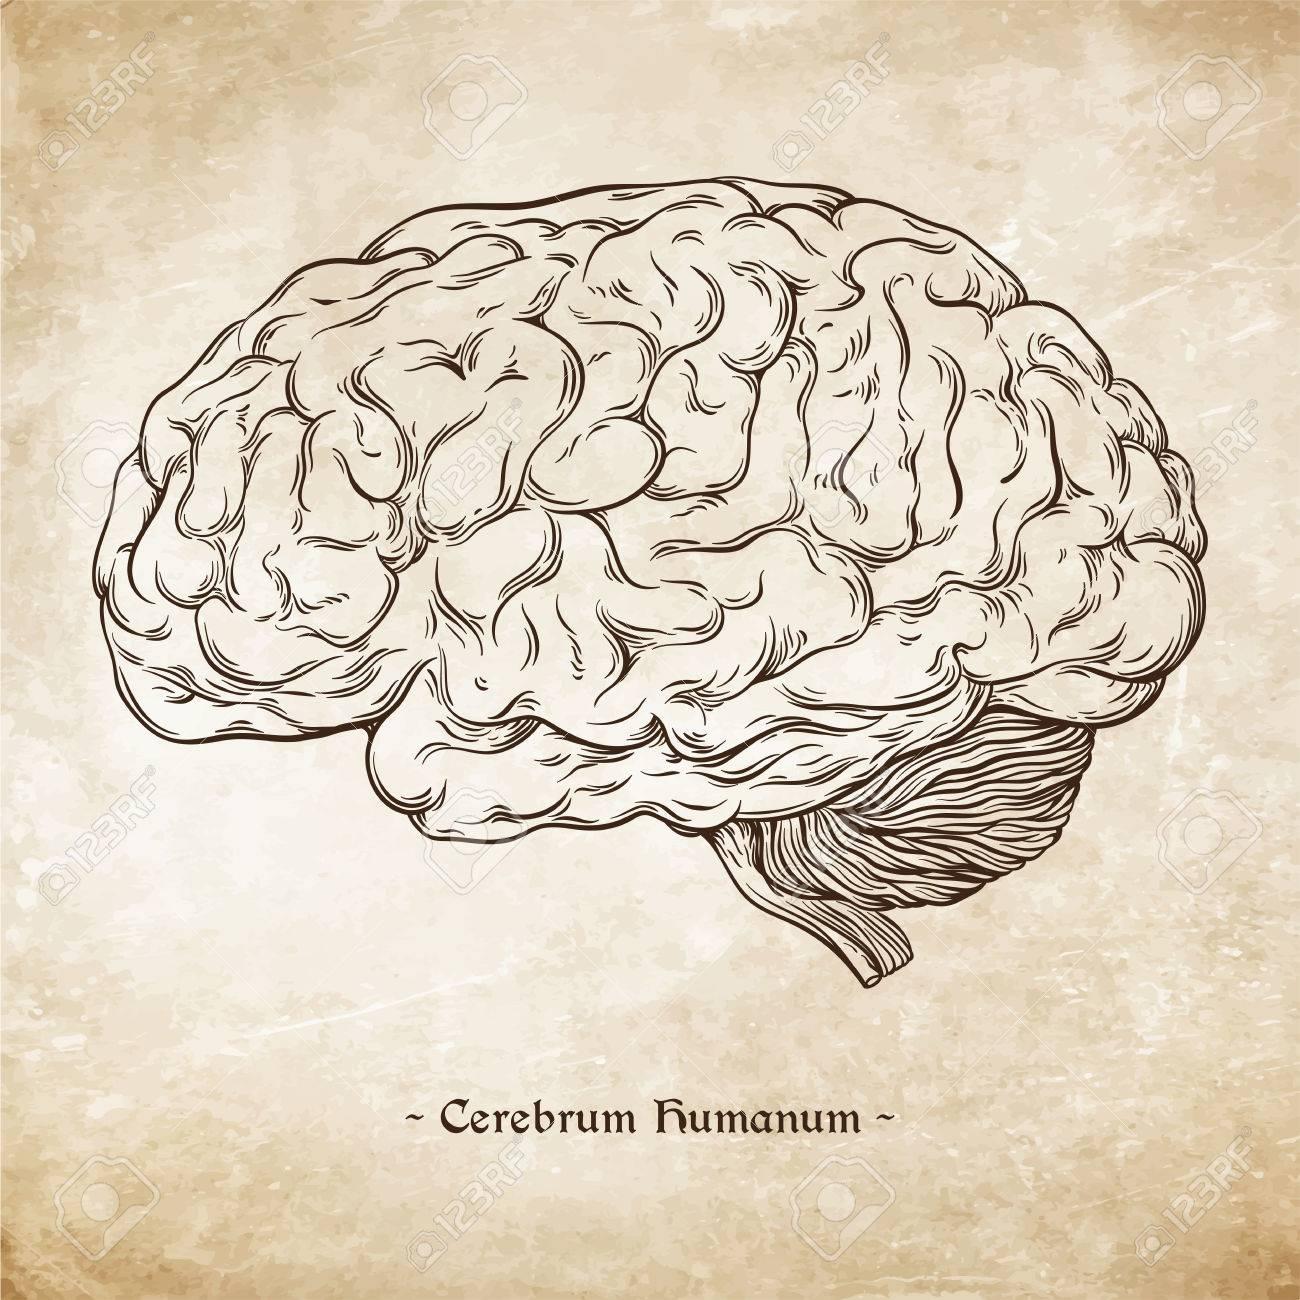 Hand Drawn Line Art Anatomically Correct Human Brain. Da Vinci ...